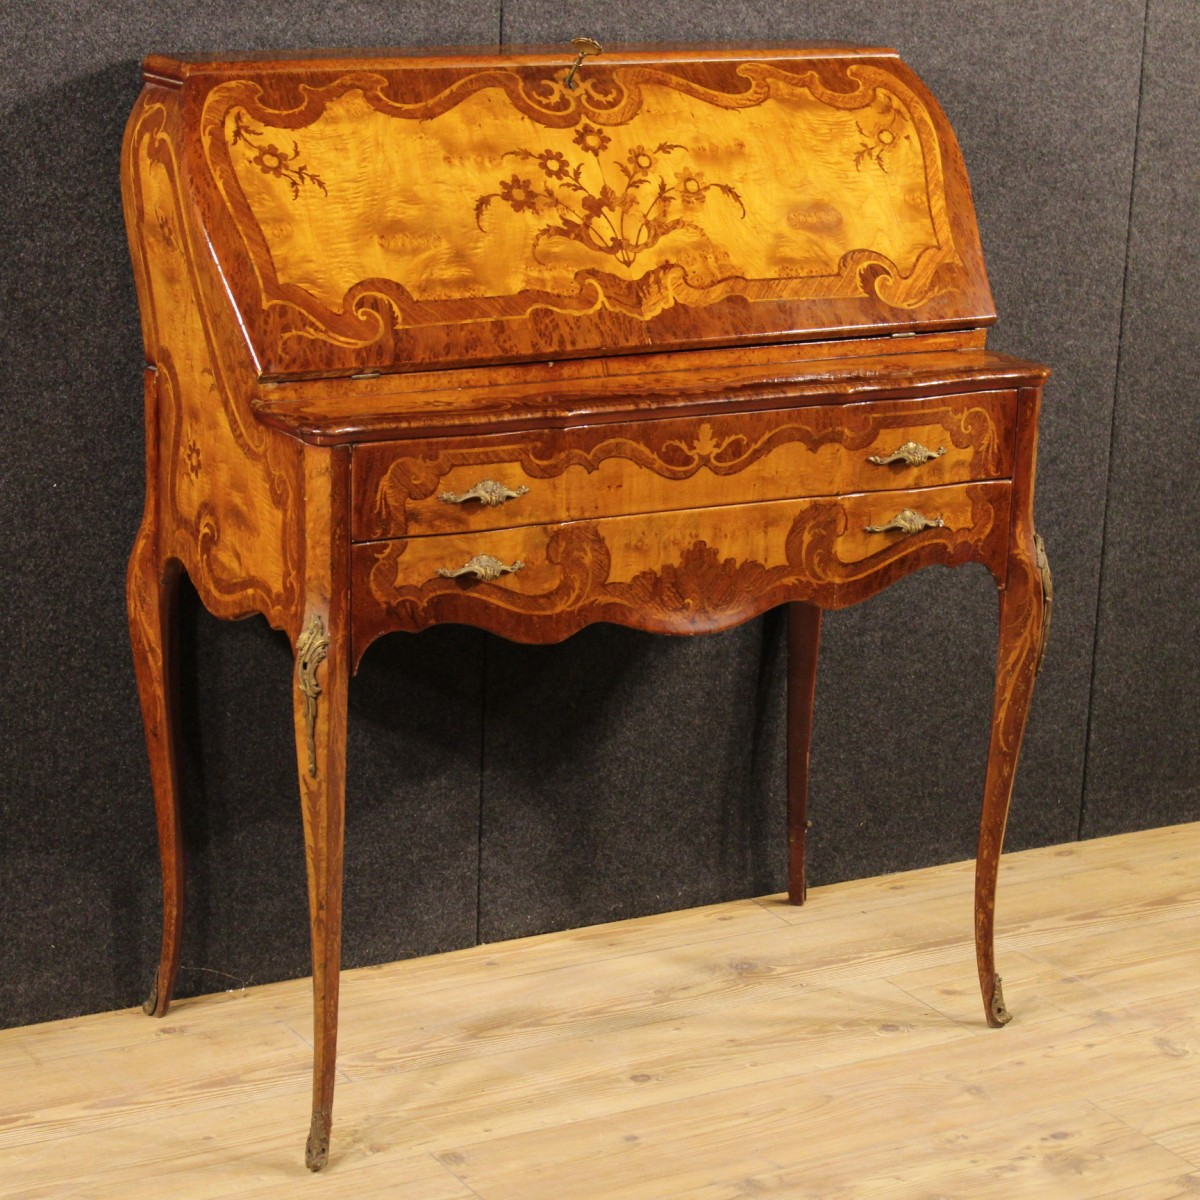 I mobili intarsiati una tradizione antica for Stili mobili antichi